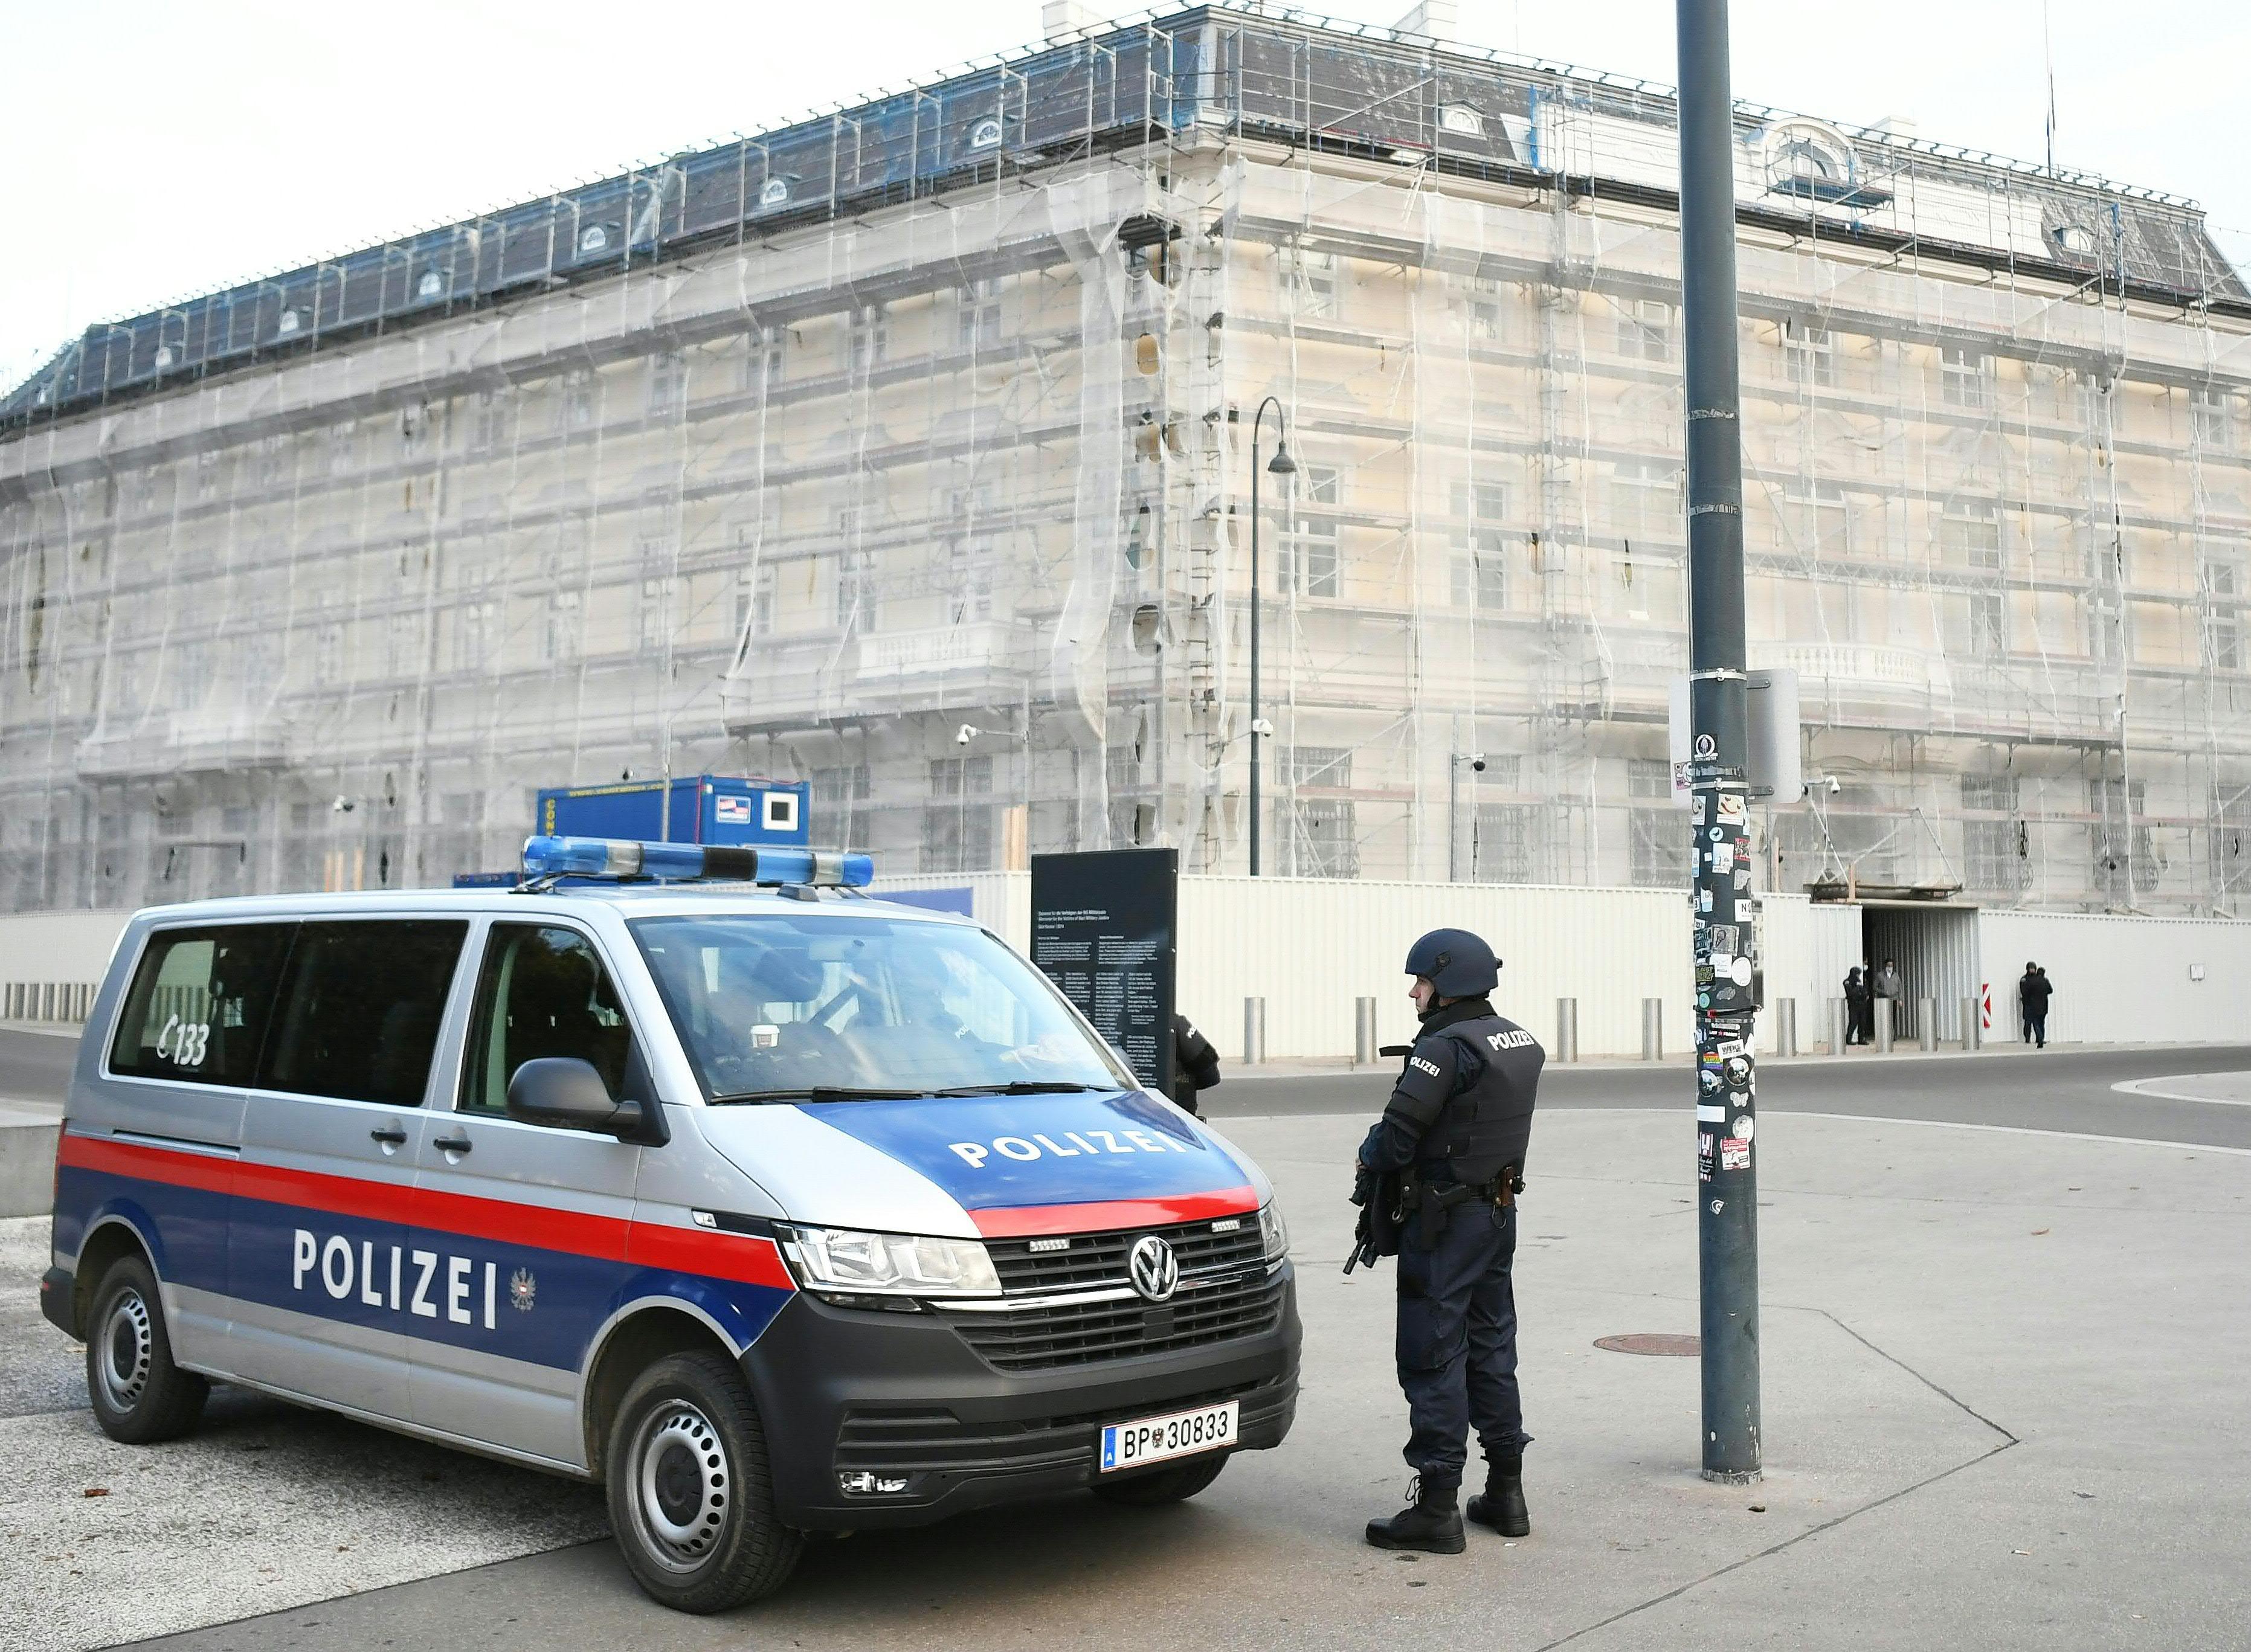 Az osztrákok élethosszig tartanák fogva azokat a terroristákat, akik nem adják fel a szélsőséges nézeteiket